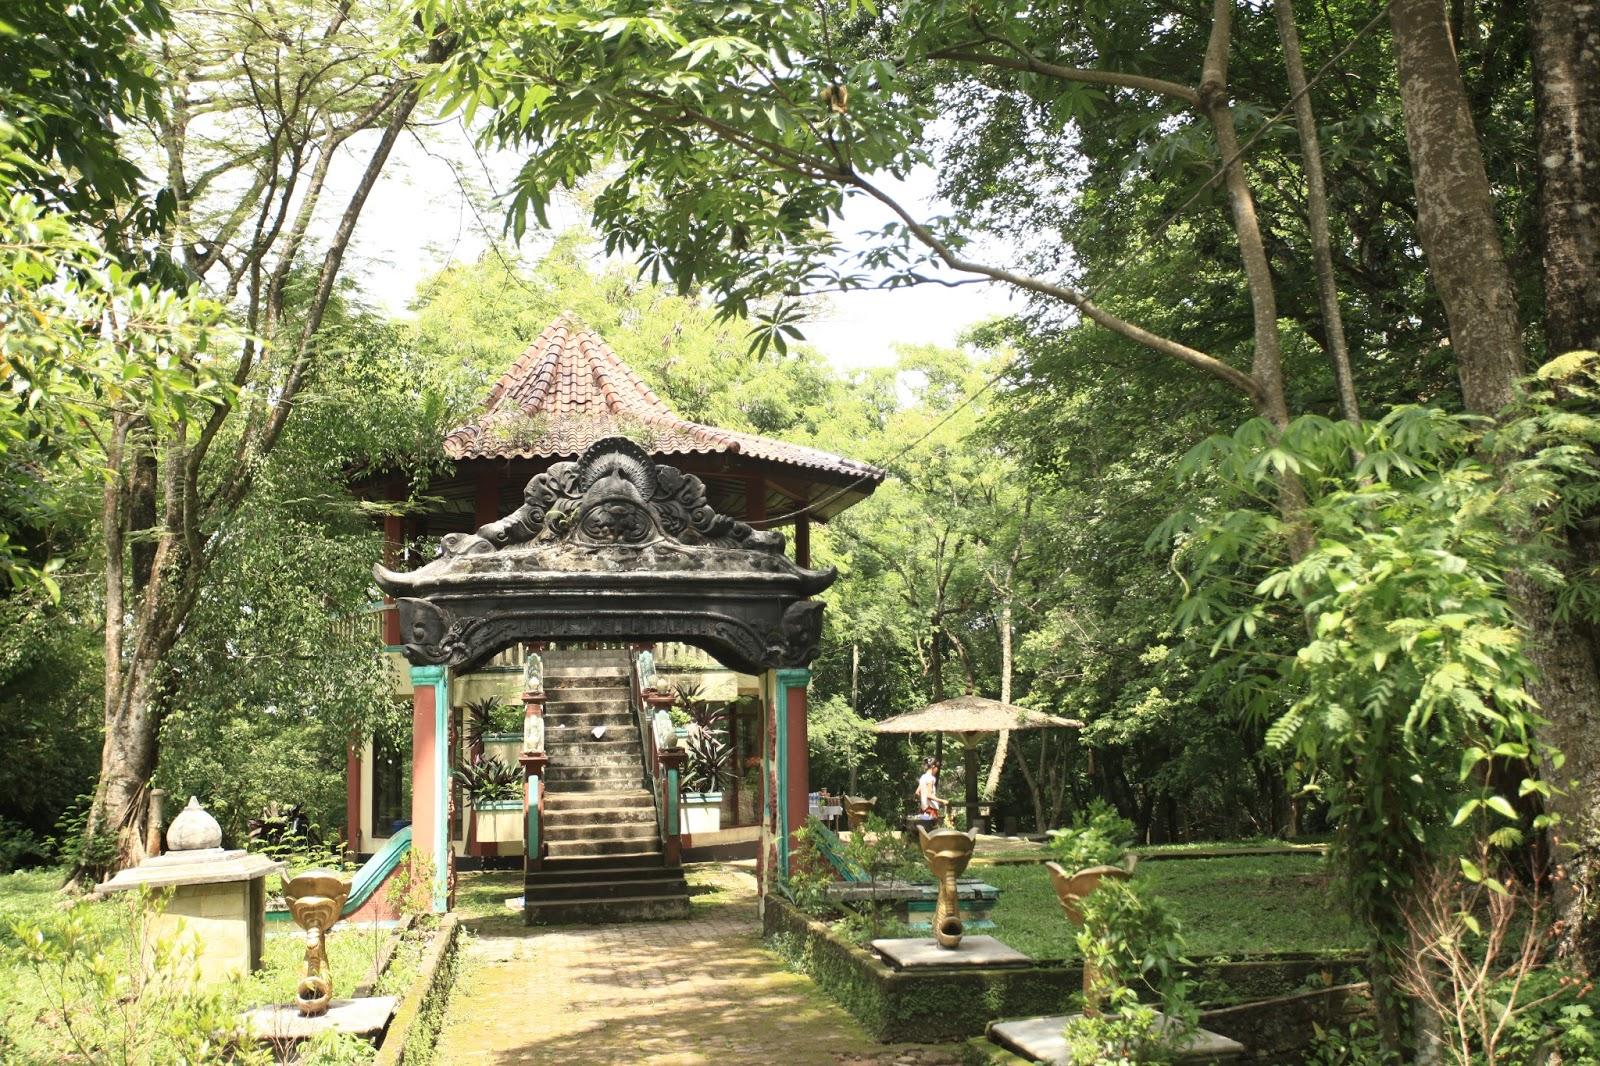 Taman Purbakala Kerajaan Sriwijaya Bukit Siguntang Kota Palembang